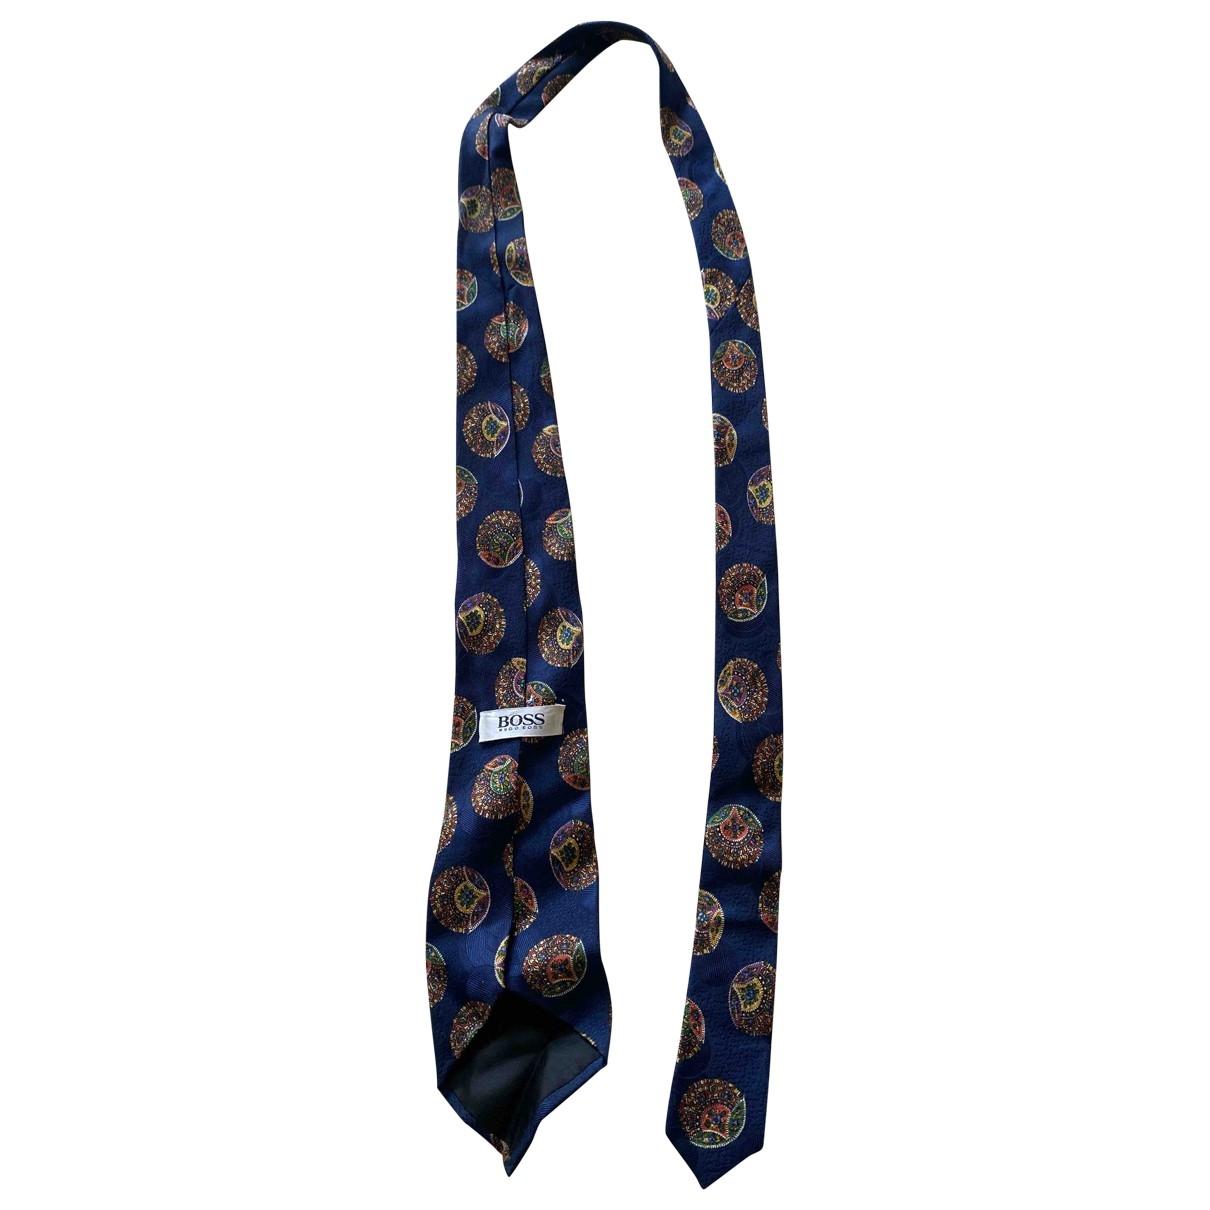 Boss - Cravates   pour homme en soie - bleu